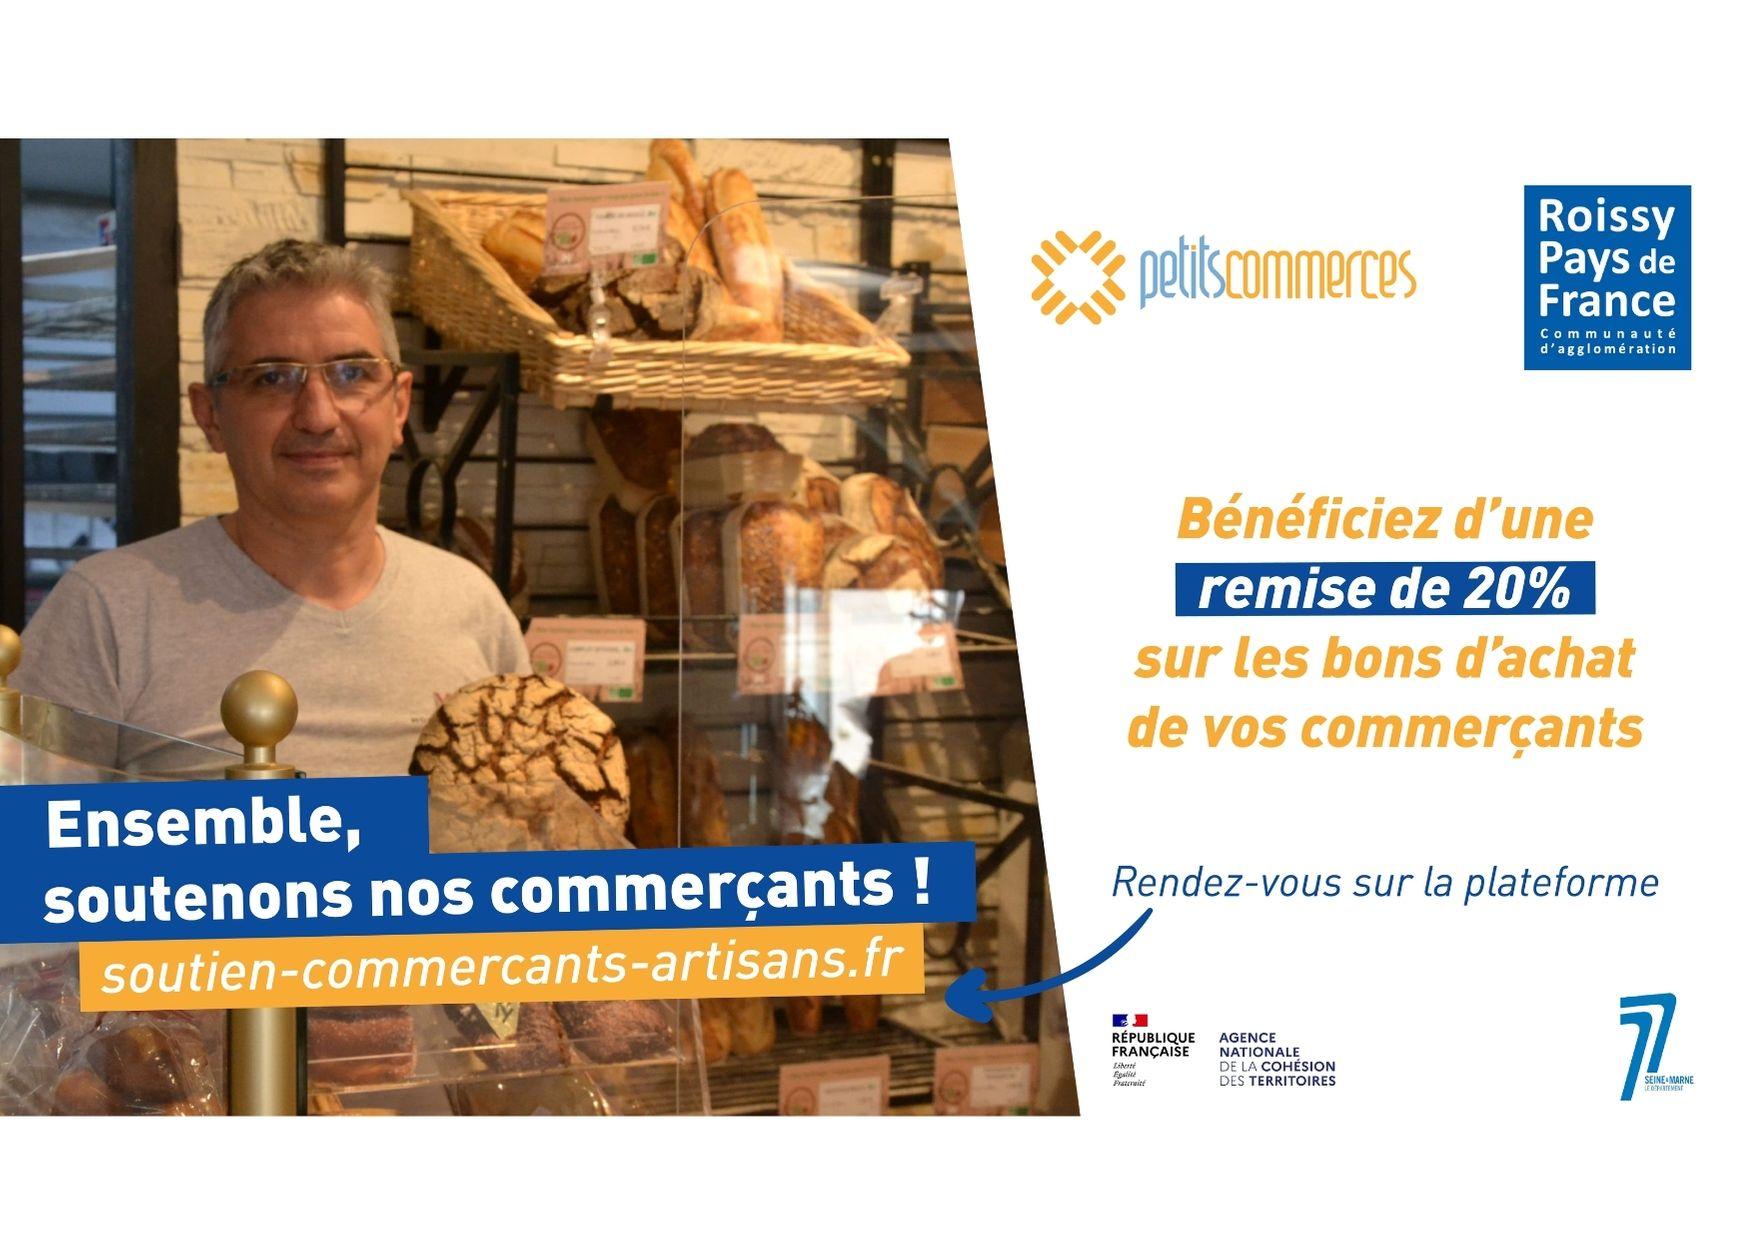 Succès de l'opération bons d'achat solidaires dans l'agglomération Roissy Pays de France !